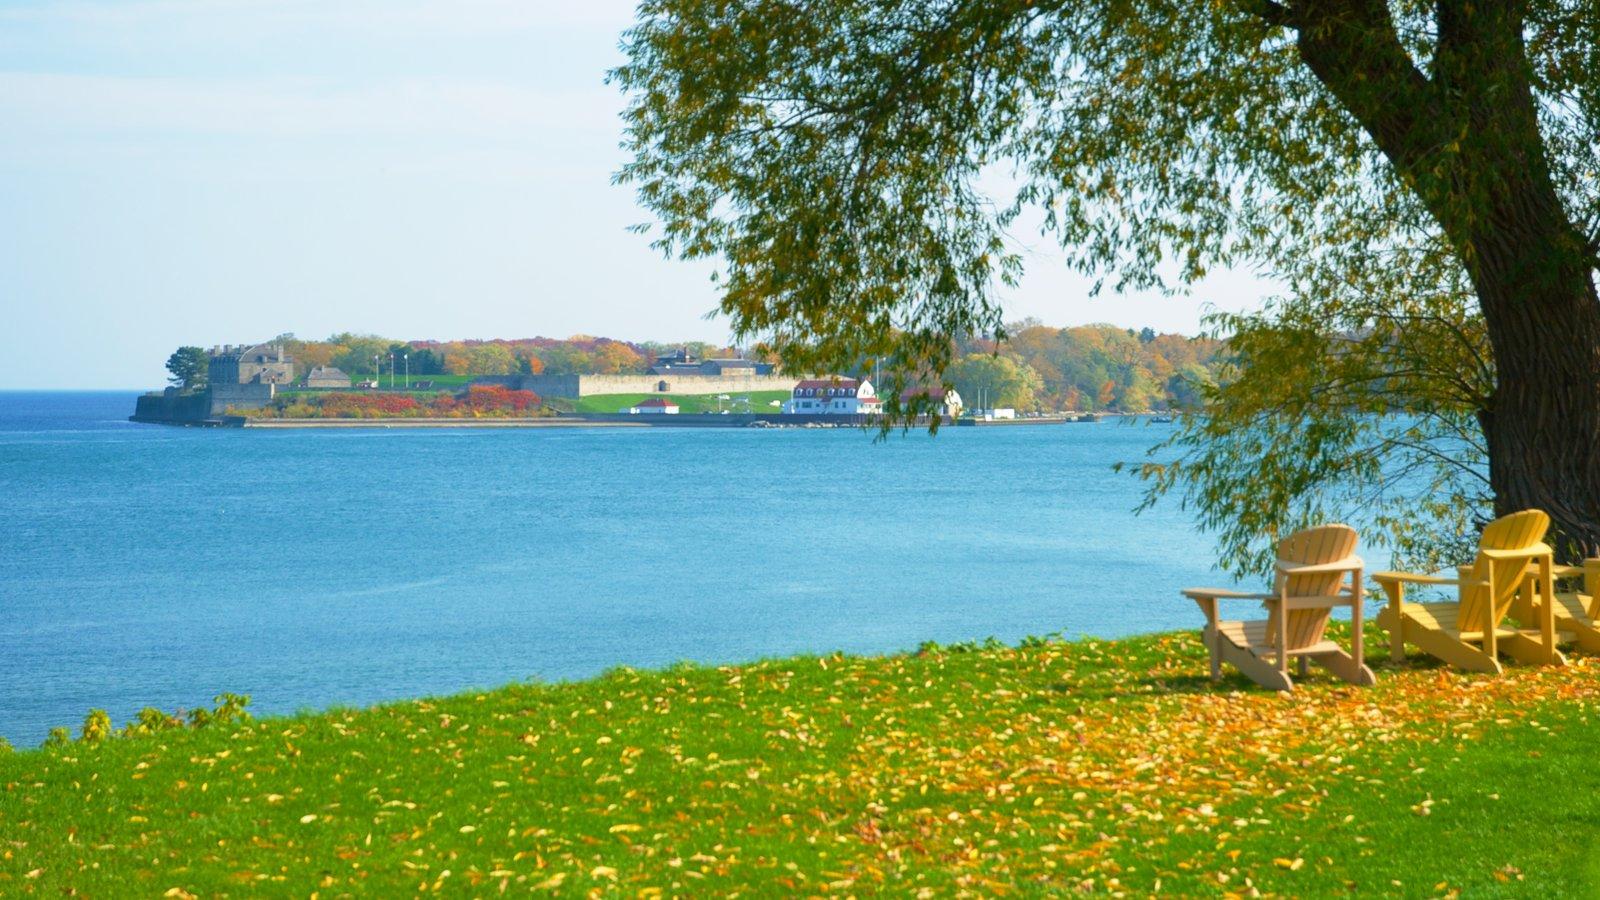 Niagara-on-the-Lake que inclui uma cidade litorânea e paisagem